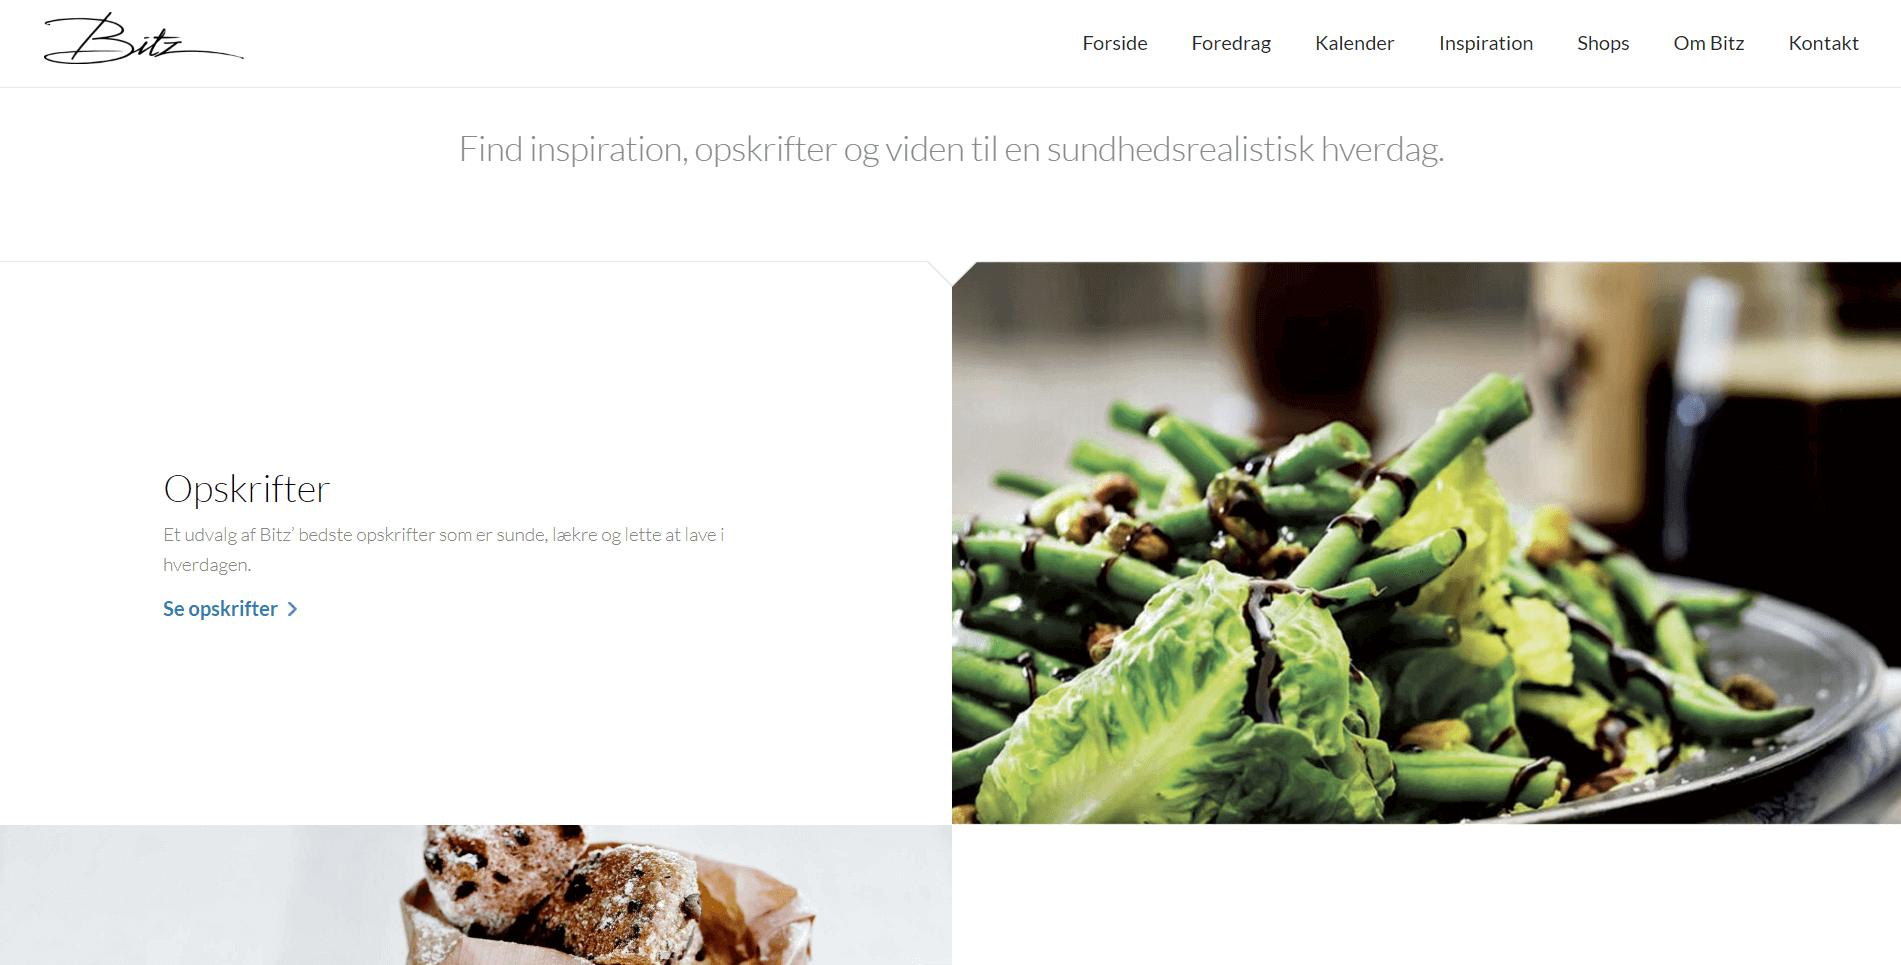 bitz hjemmeside eksempel